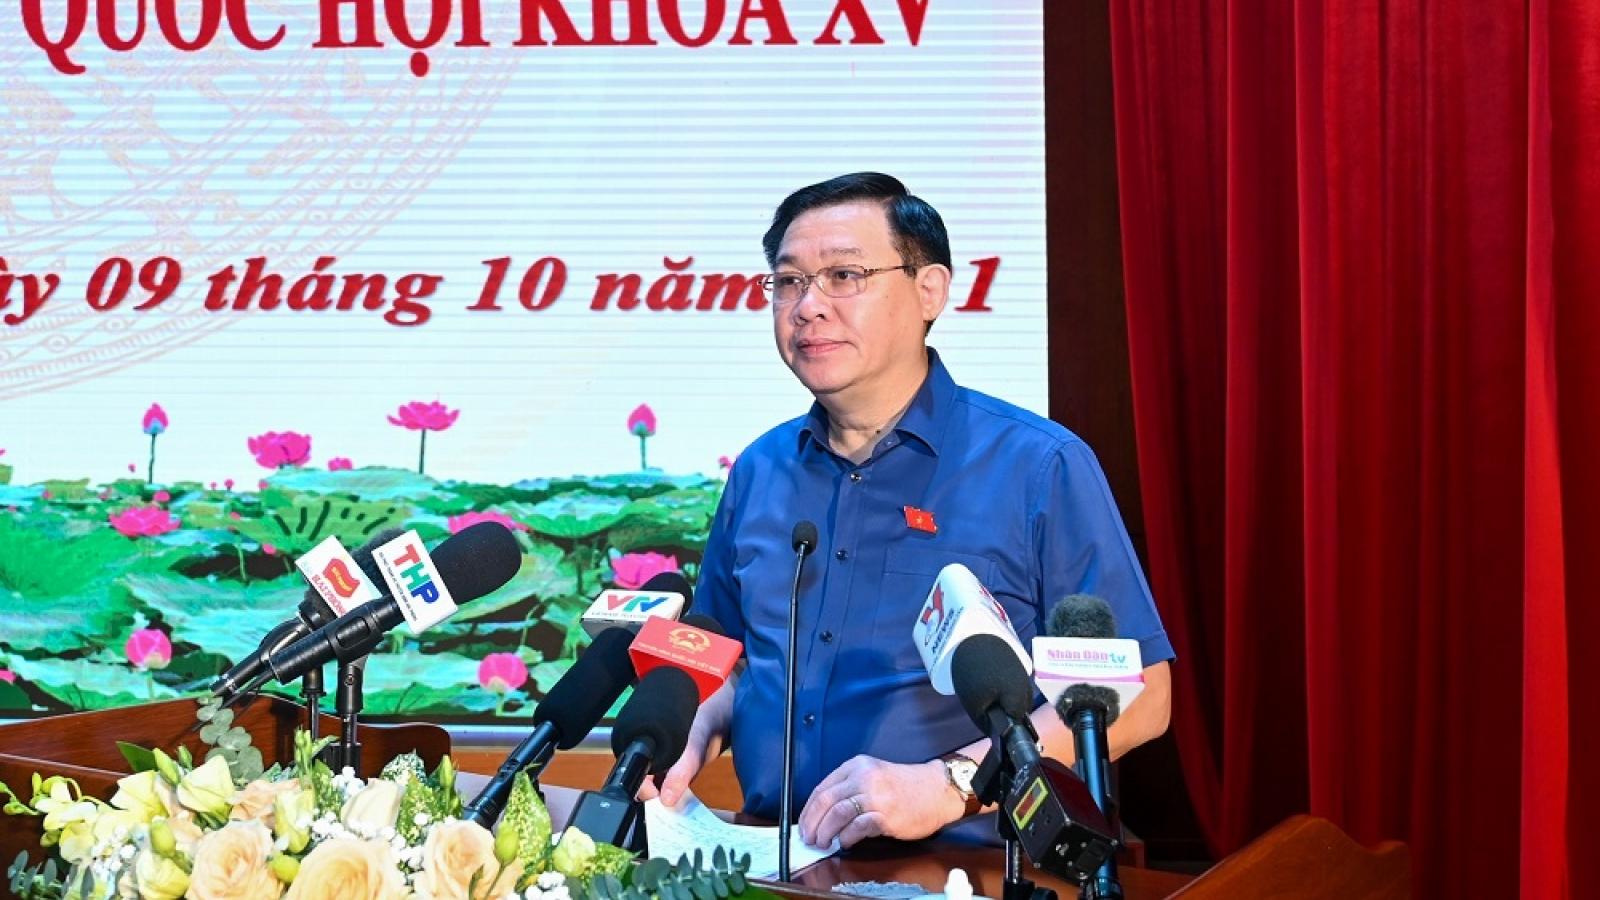 Chủ tịch Quốc hội Vương Đình Huệ tiếp xúc cử tri tại thành phố Hải Phòng